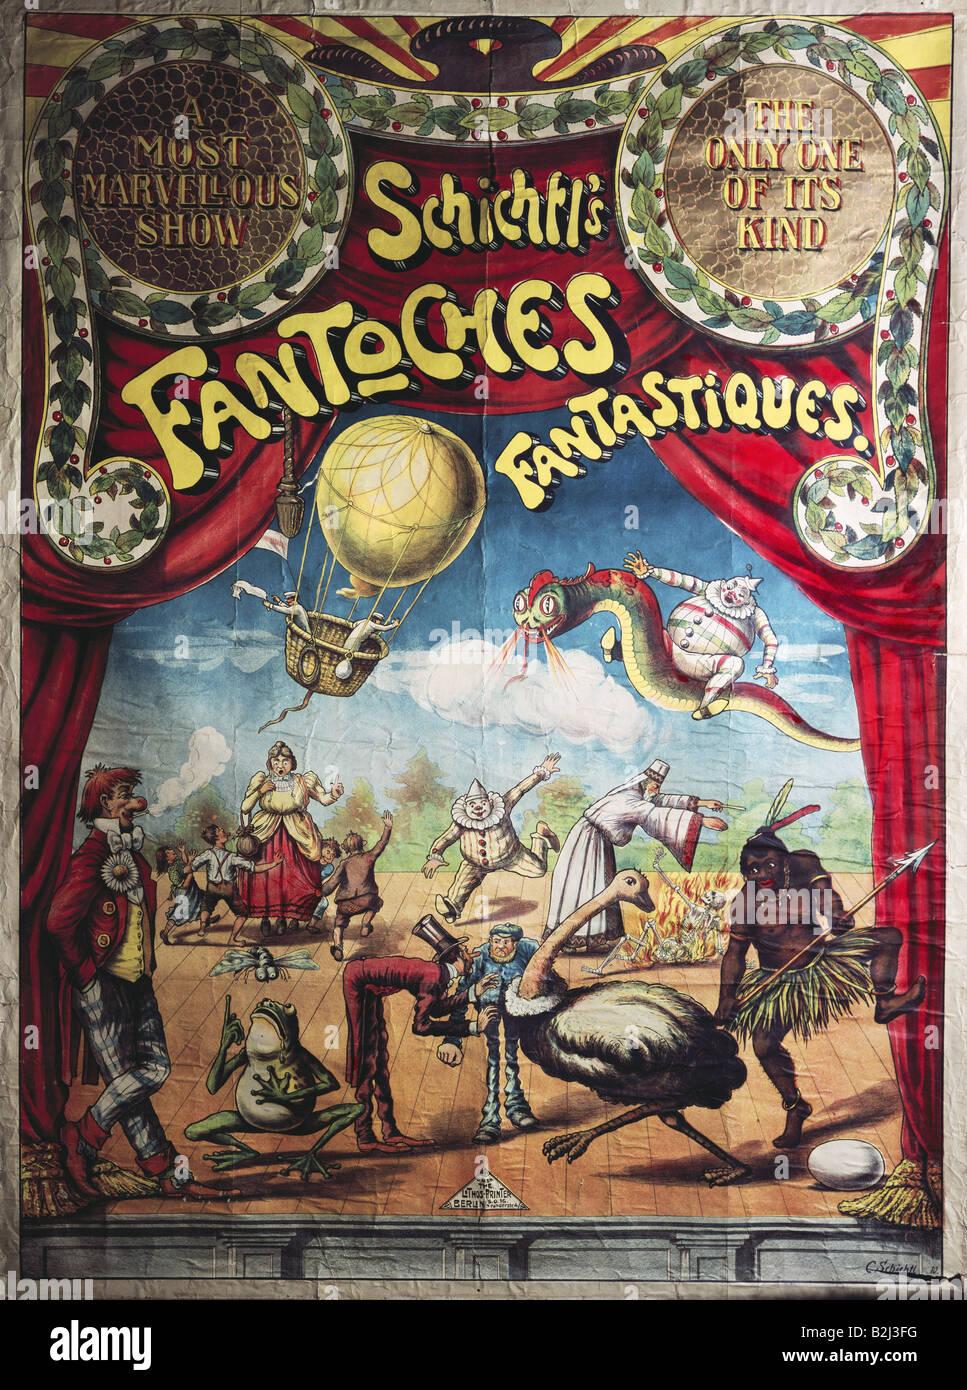 La publicité, cirque, poster, 'chichtl fantoches de fantastiques' (Schichtl fantastique de marionnettes), Photo Stock